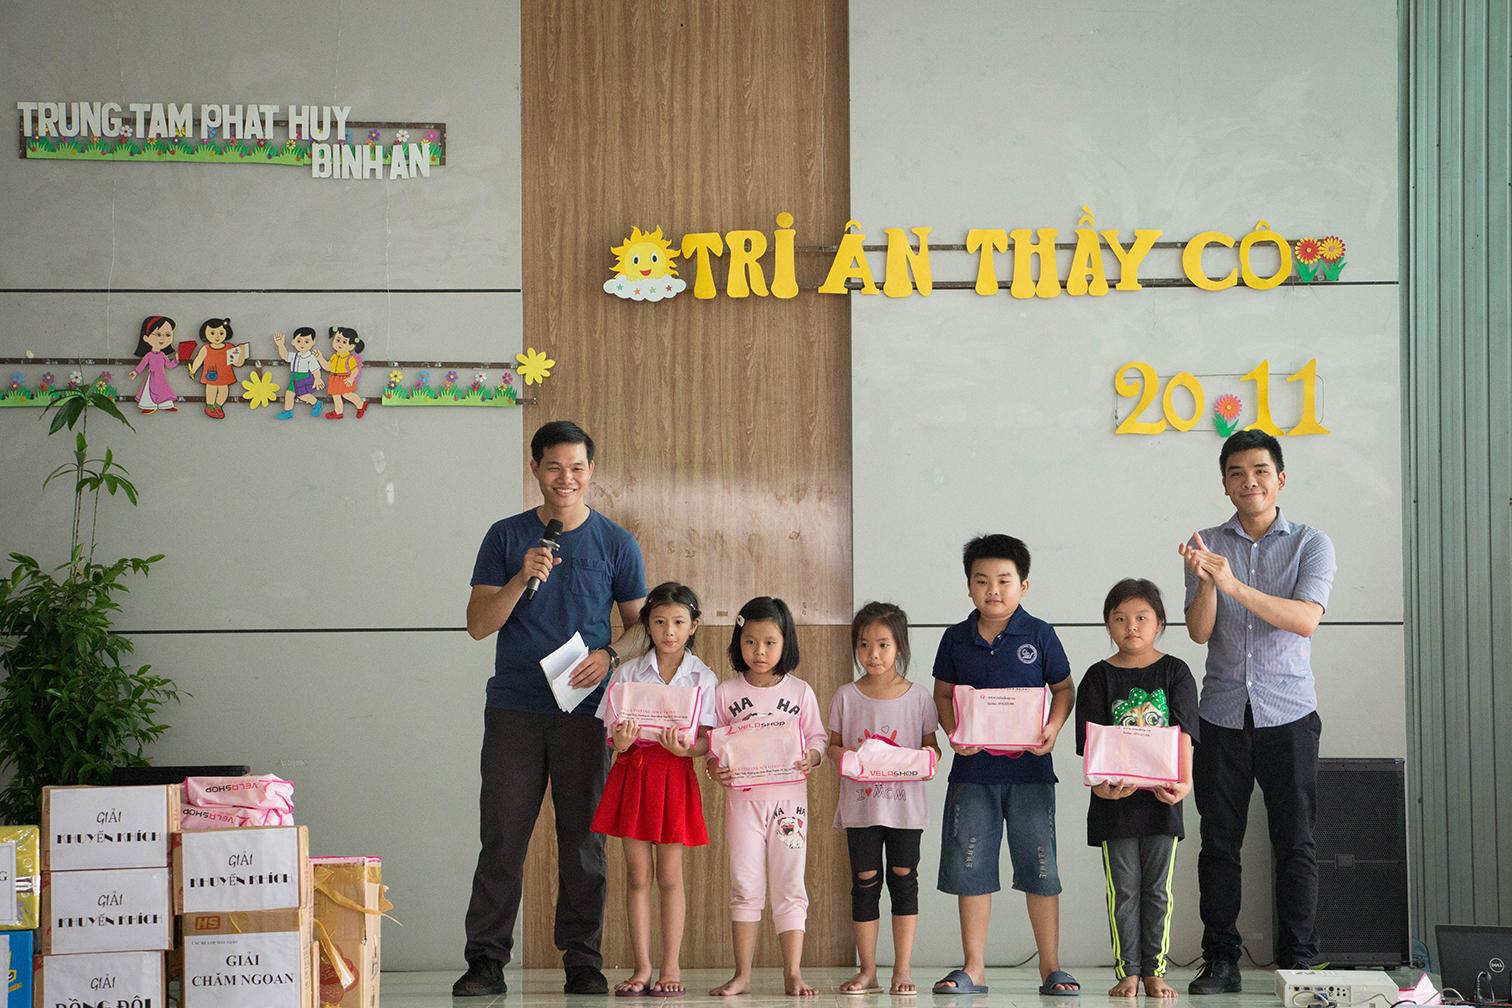 THANH TRAN - 191115-9338